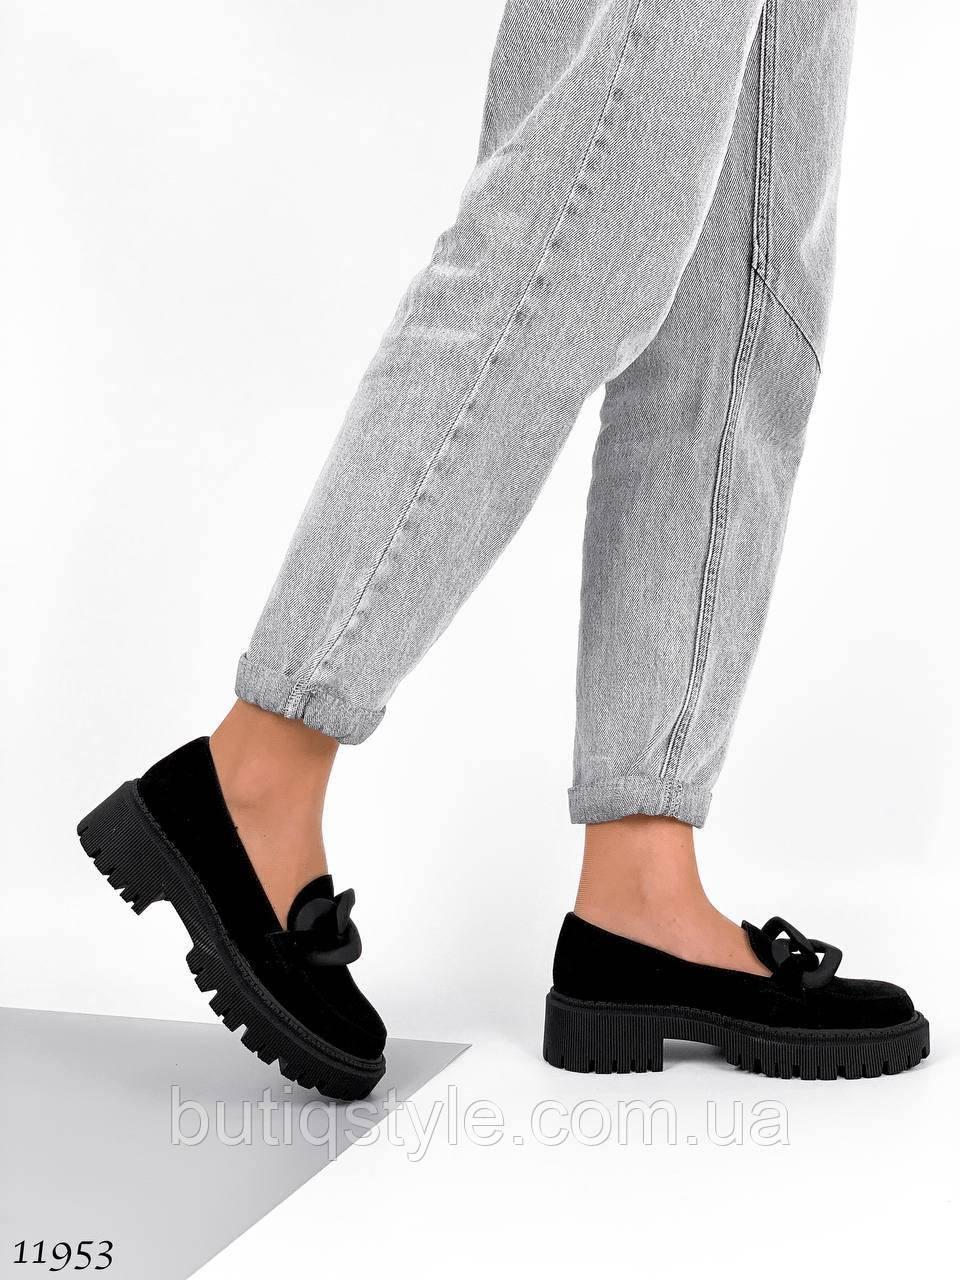 Черные туфли лоферы натуральная замша с цепочкой